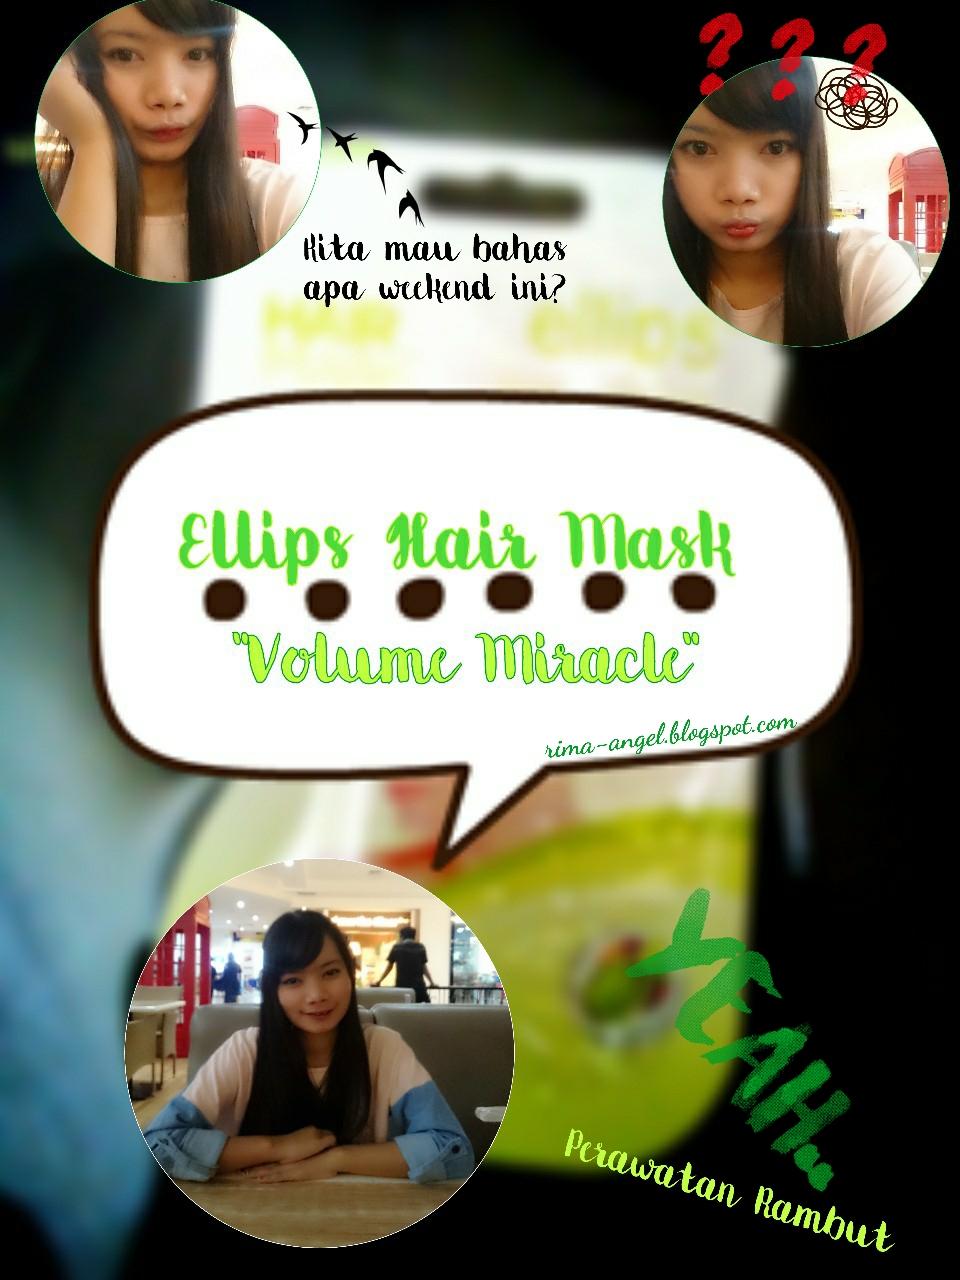 Masker Rambut Ellips Vitamin Perawatan Untuk Kamu Keratin Hair Mask Sachet 18gr Review Volume Miracle Rima